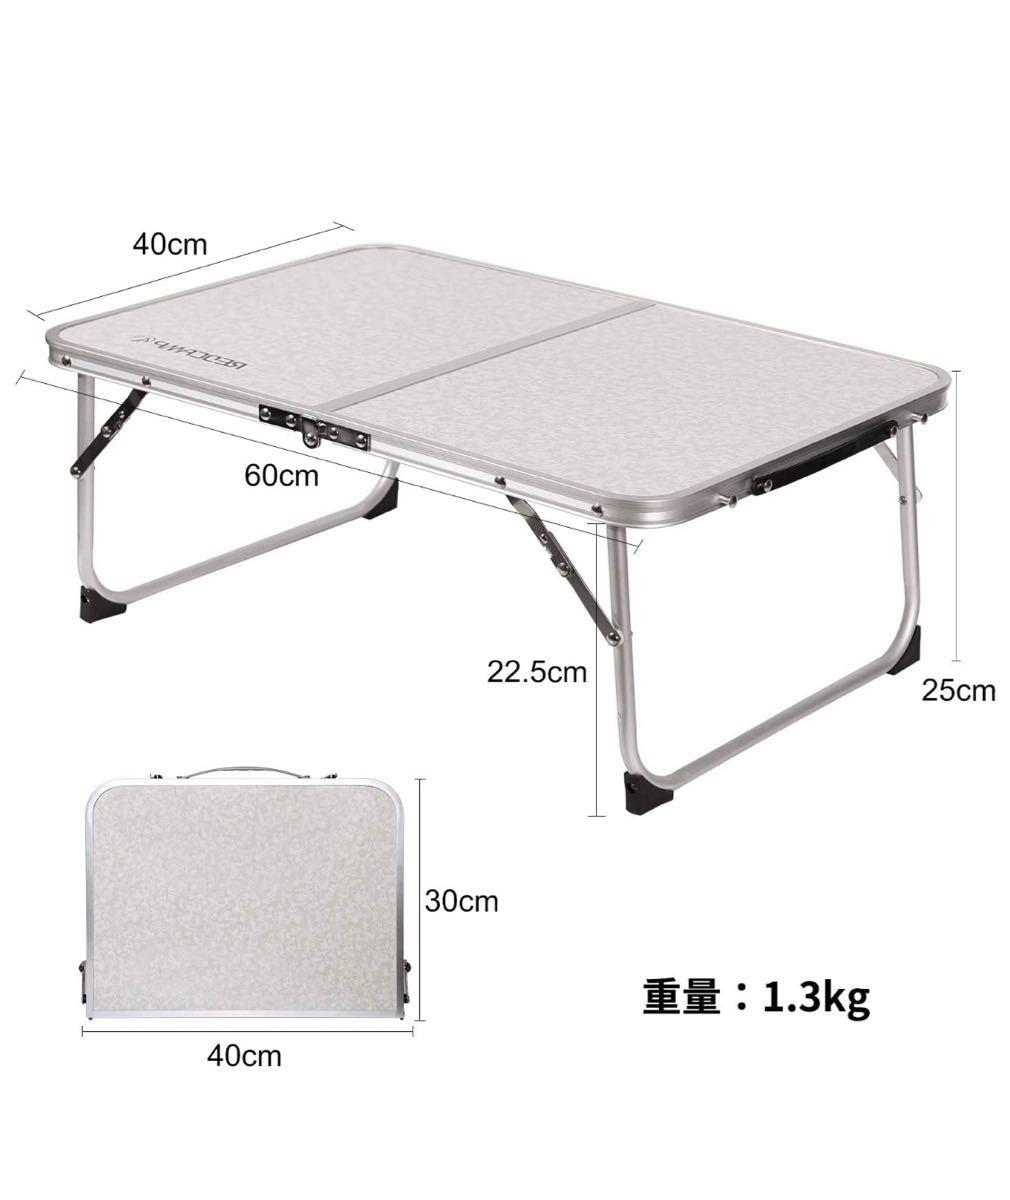 新品 折り畳みテーブル サイドテーブル  アウトドアテーブル 軽量 折り畳み